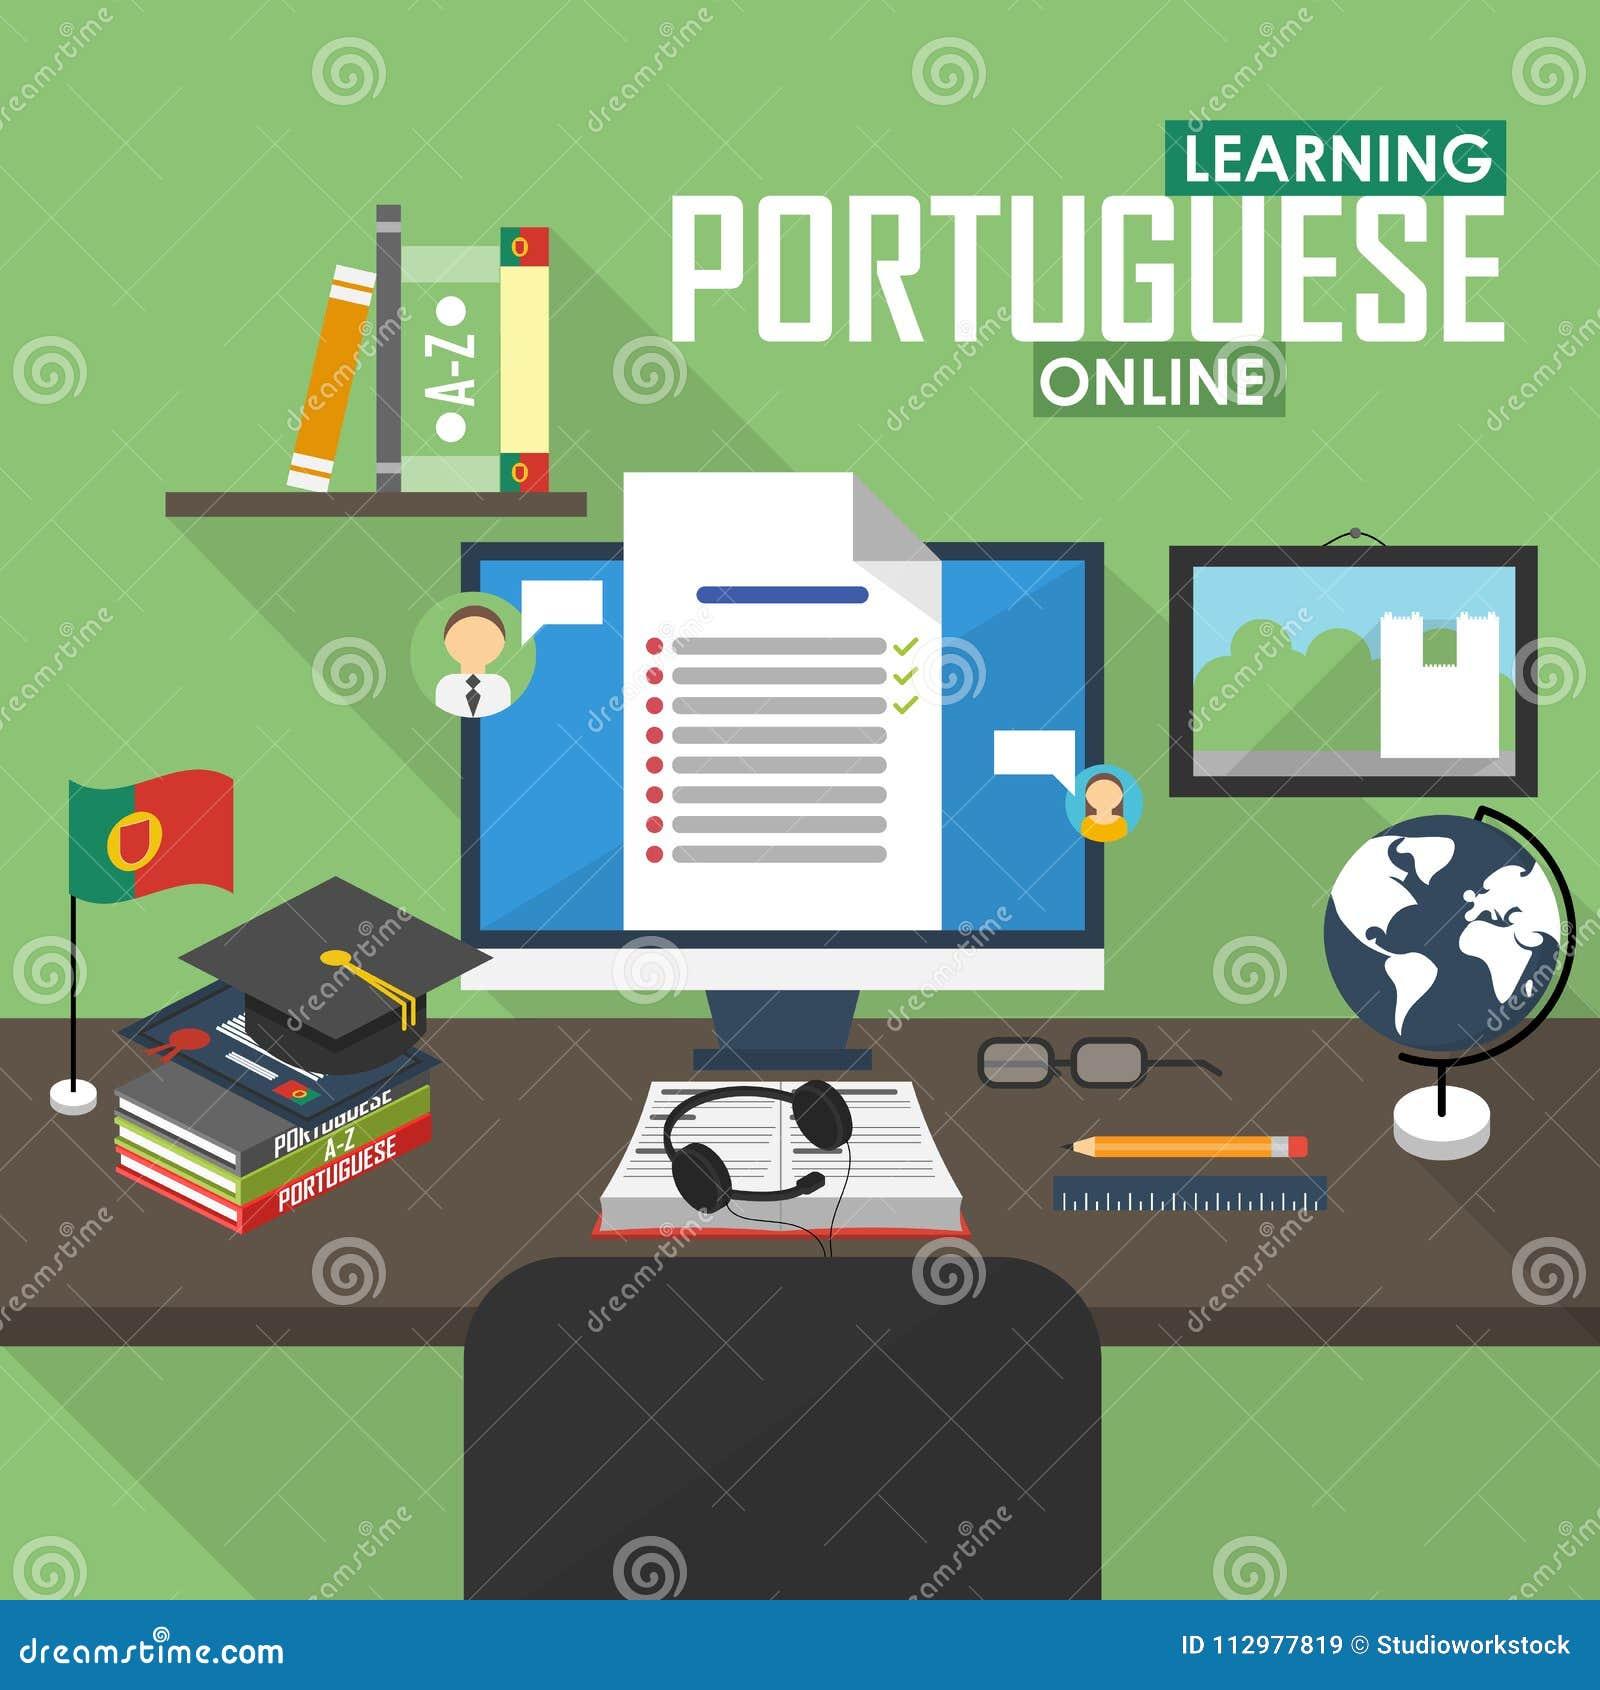 E-learning Portuguese language.